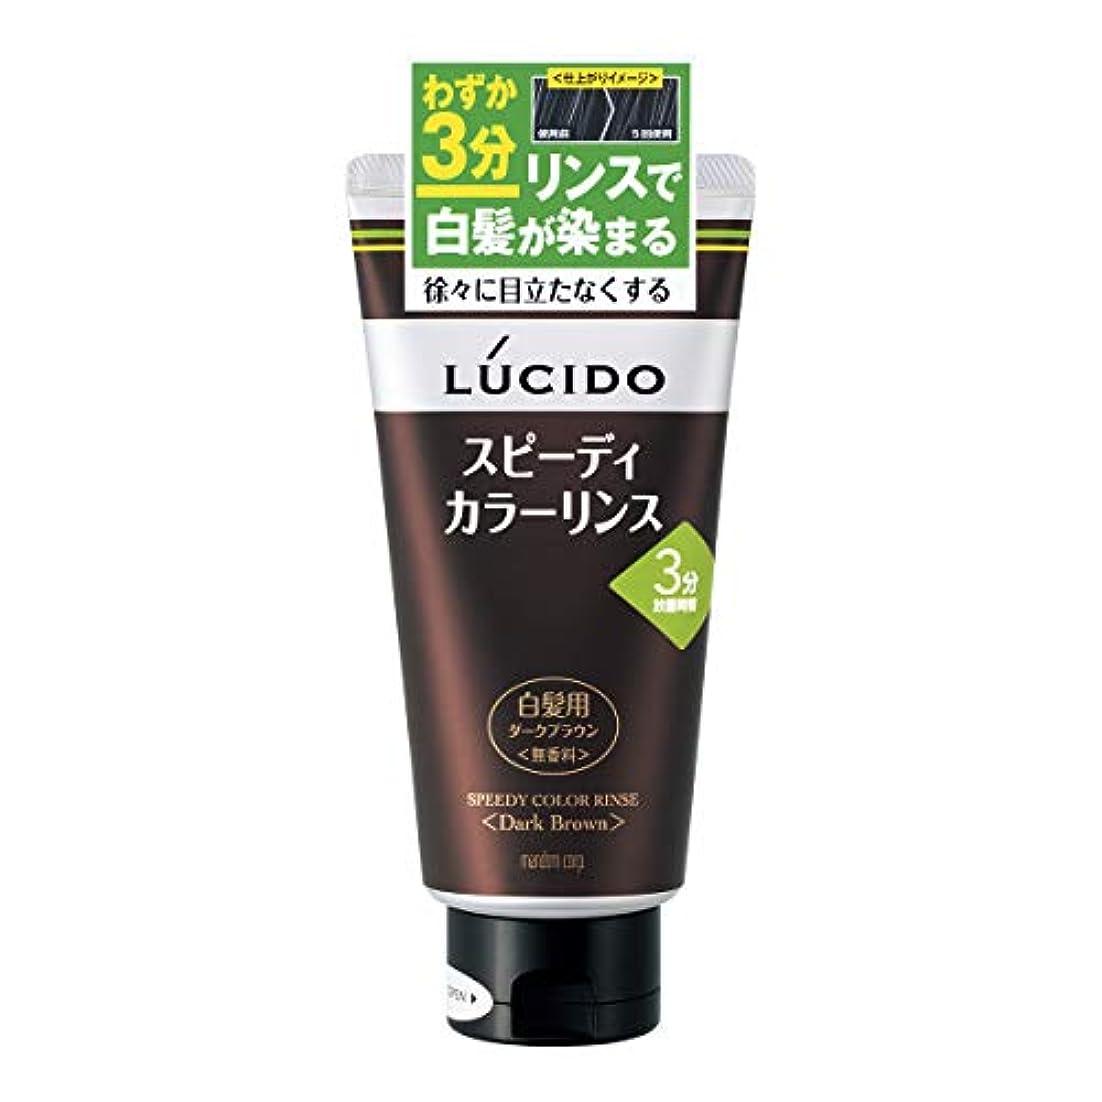 華氏目覚める系統的LUCIDO(ルシード) スピーディカラーリンス ダークブラウン 160g リンスで簡単白髪染め